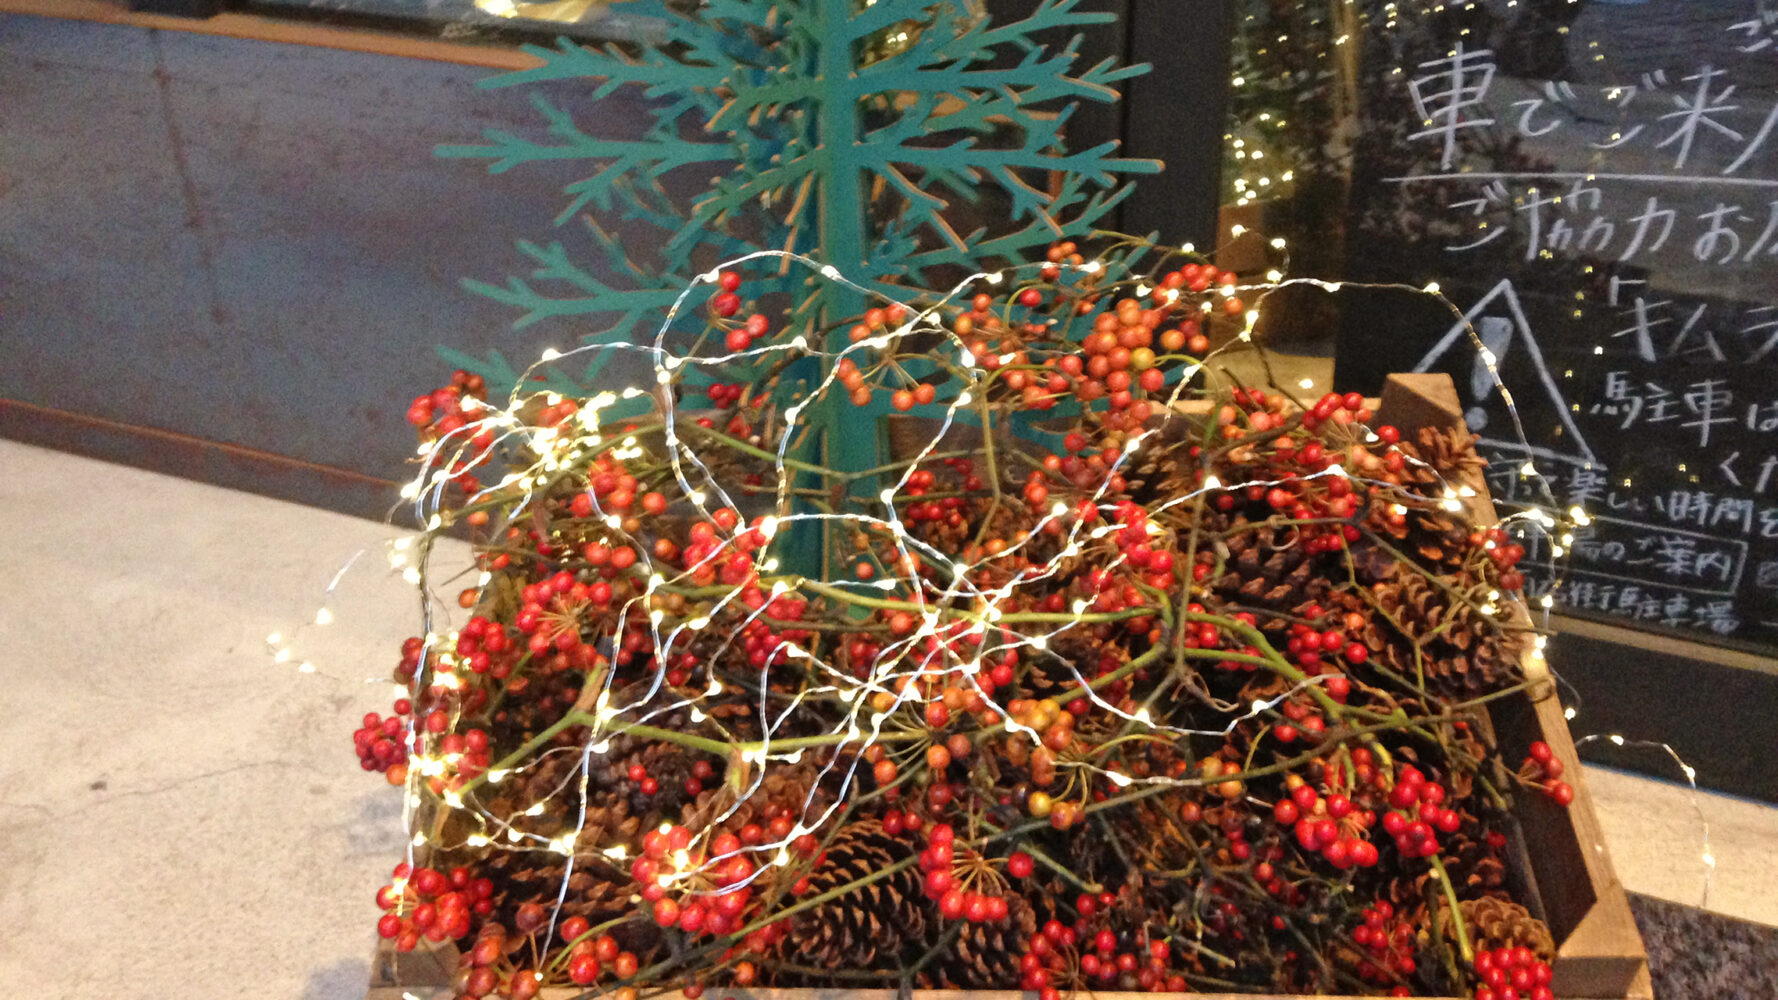 BANK BOOK BAR Christmas display 事例画像4